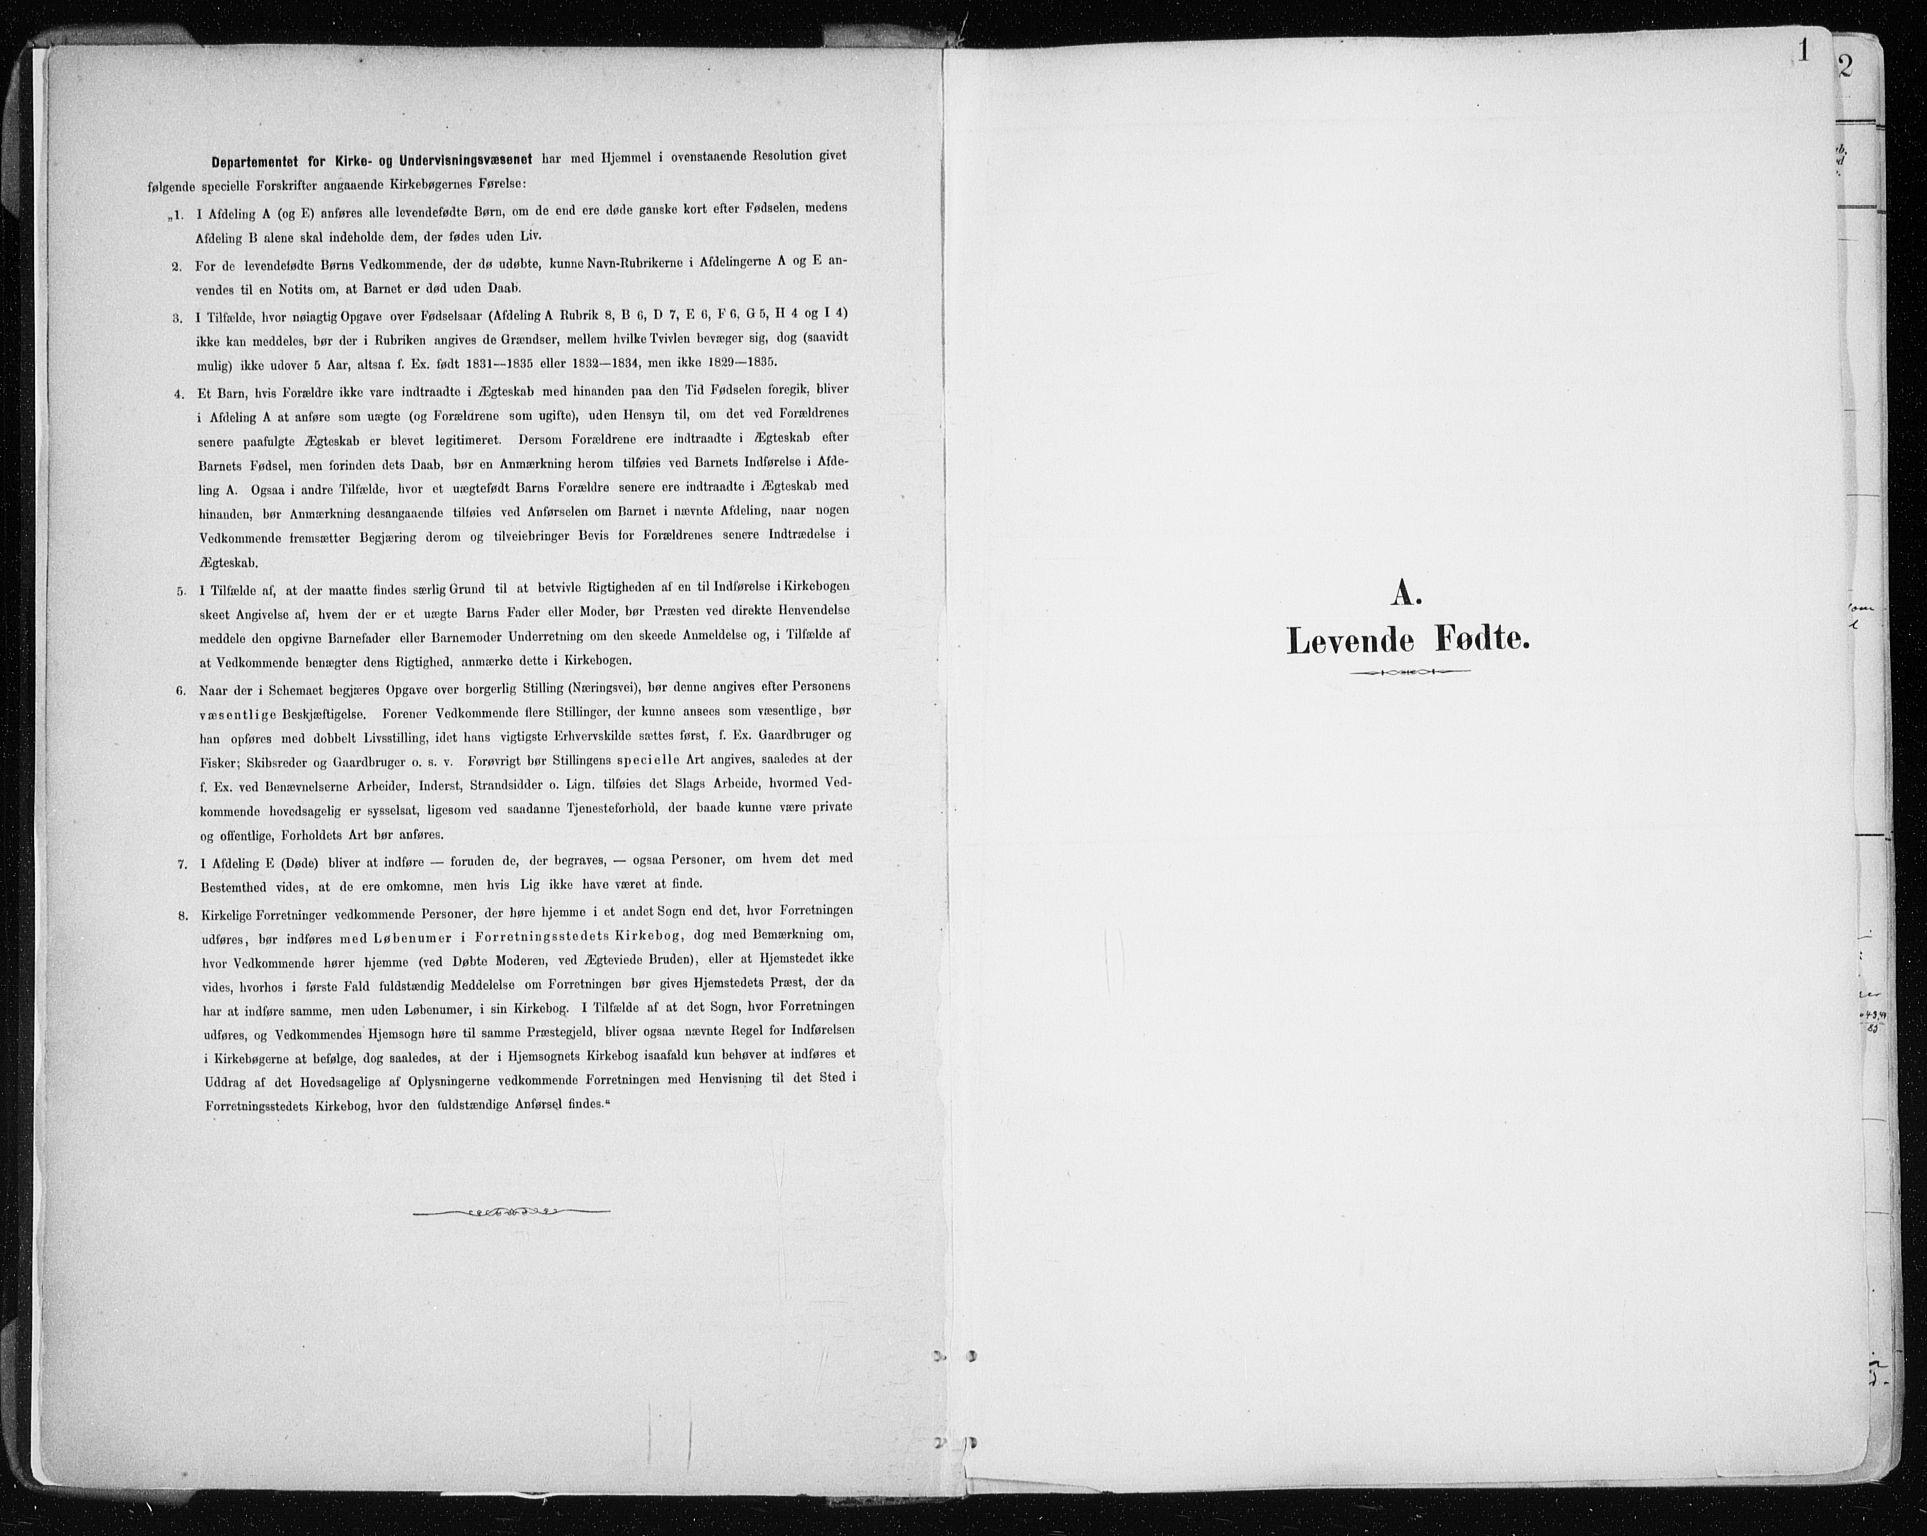 SATØ, Tromsøysund sokneprestkontor, G/Ga/L0005kirke: Ministerialbok nr. 5, 1888-1896, s. 1